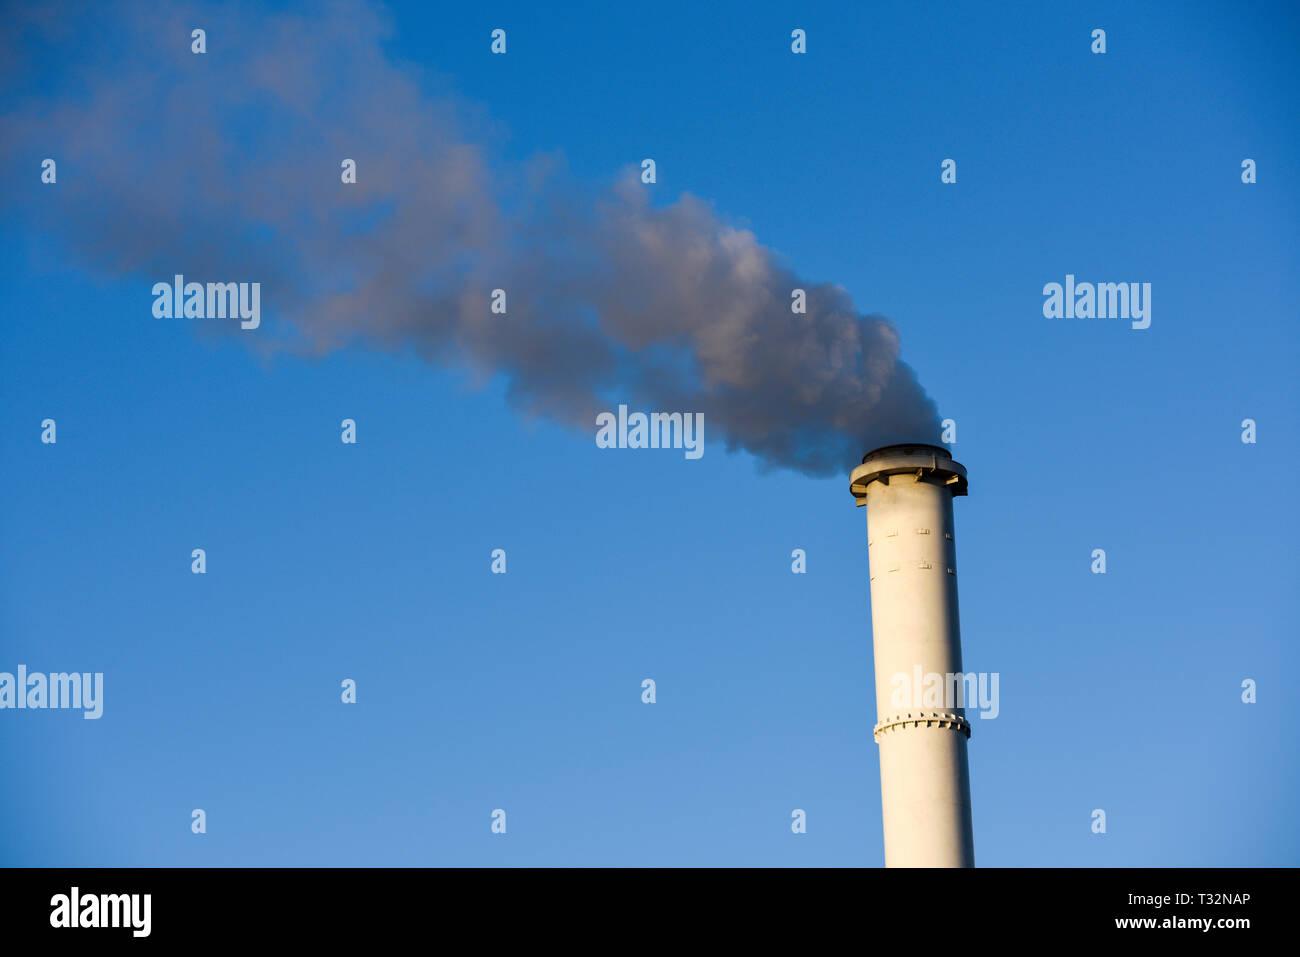 Chimenea calada de humo estaba bombeando fuera el humo negro de la contaminación. Foto de stock